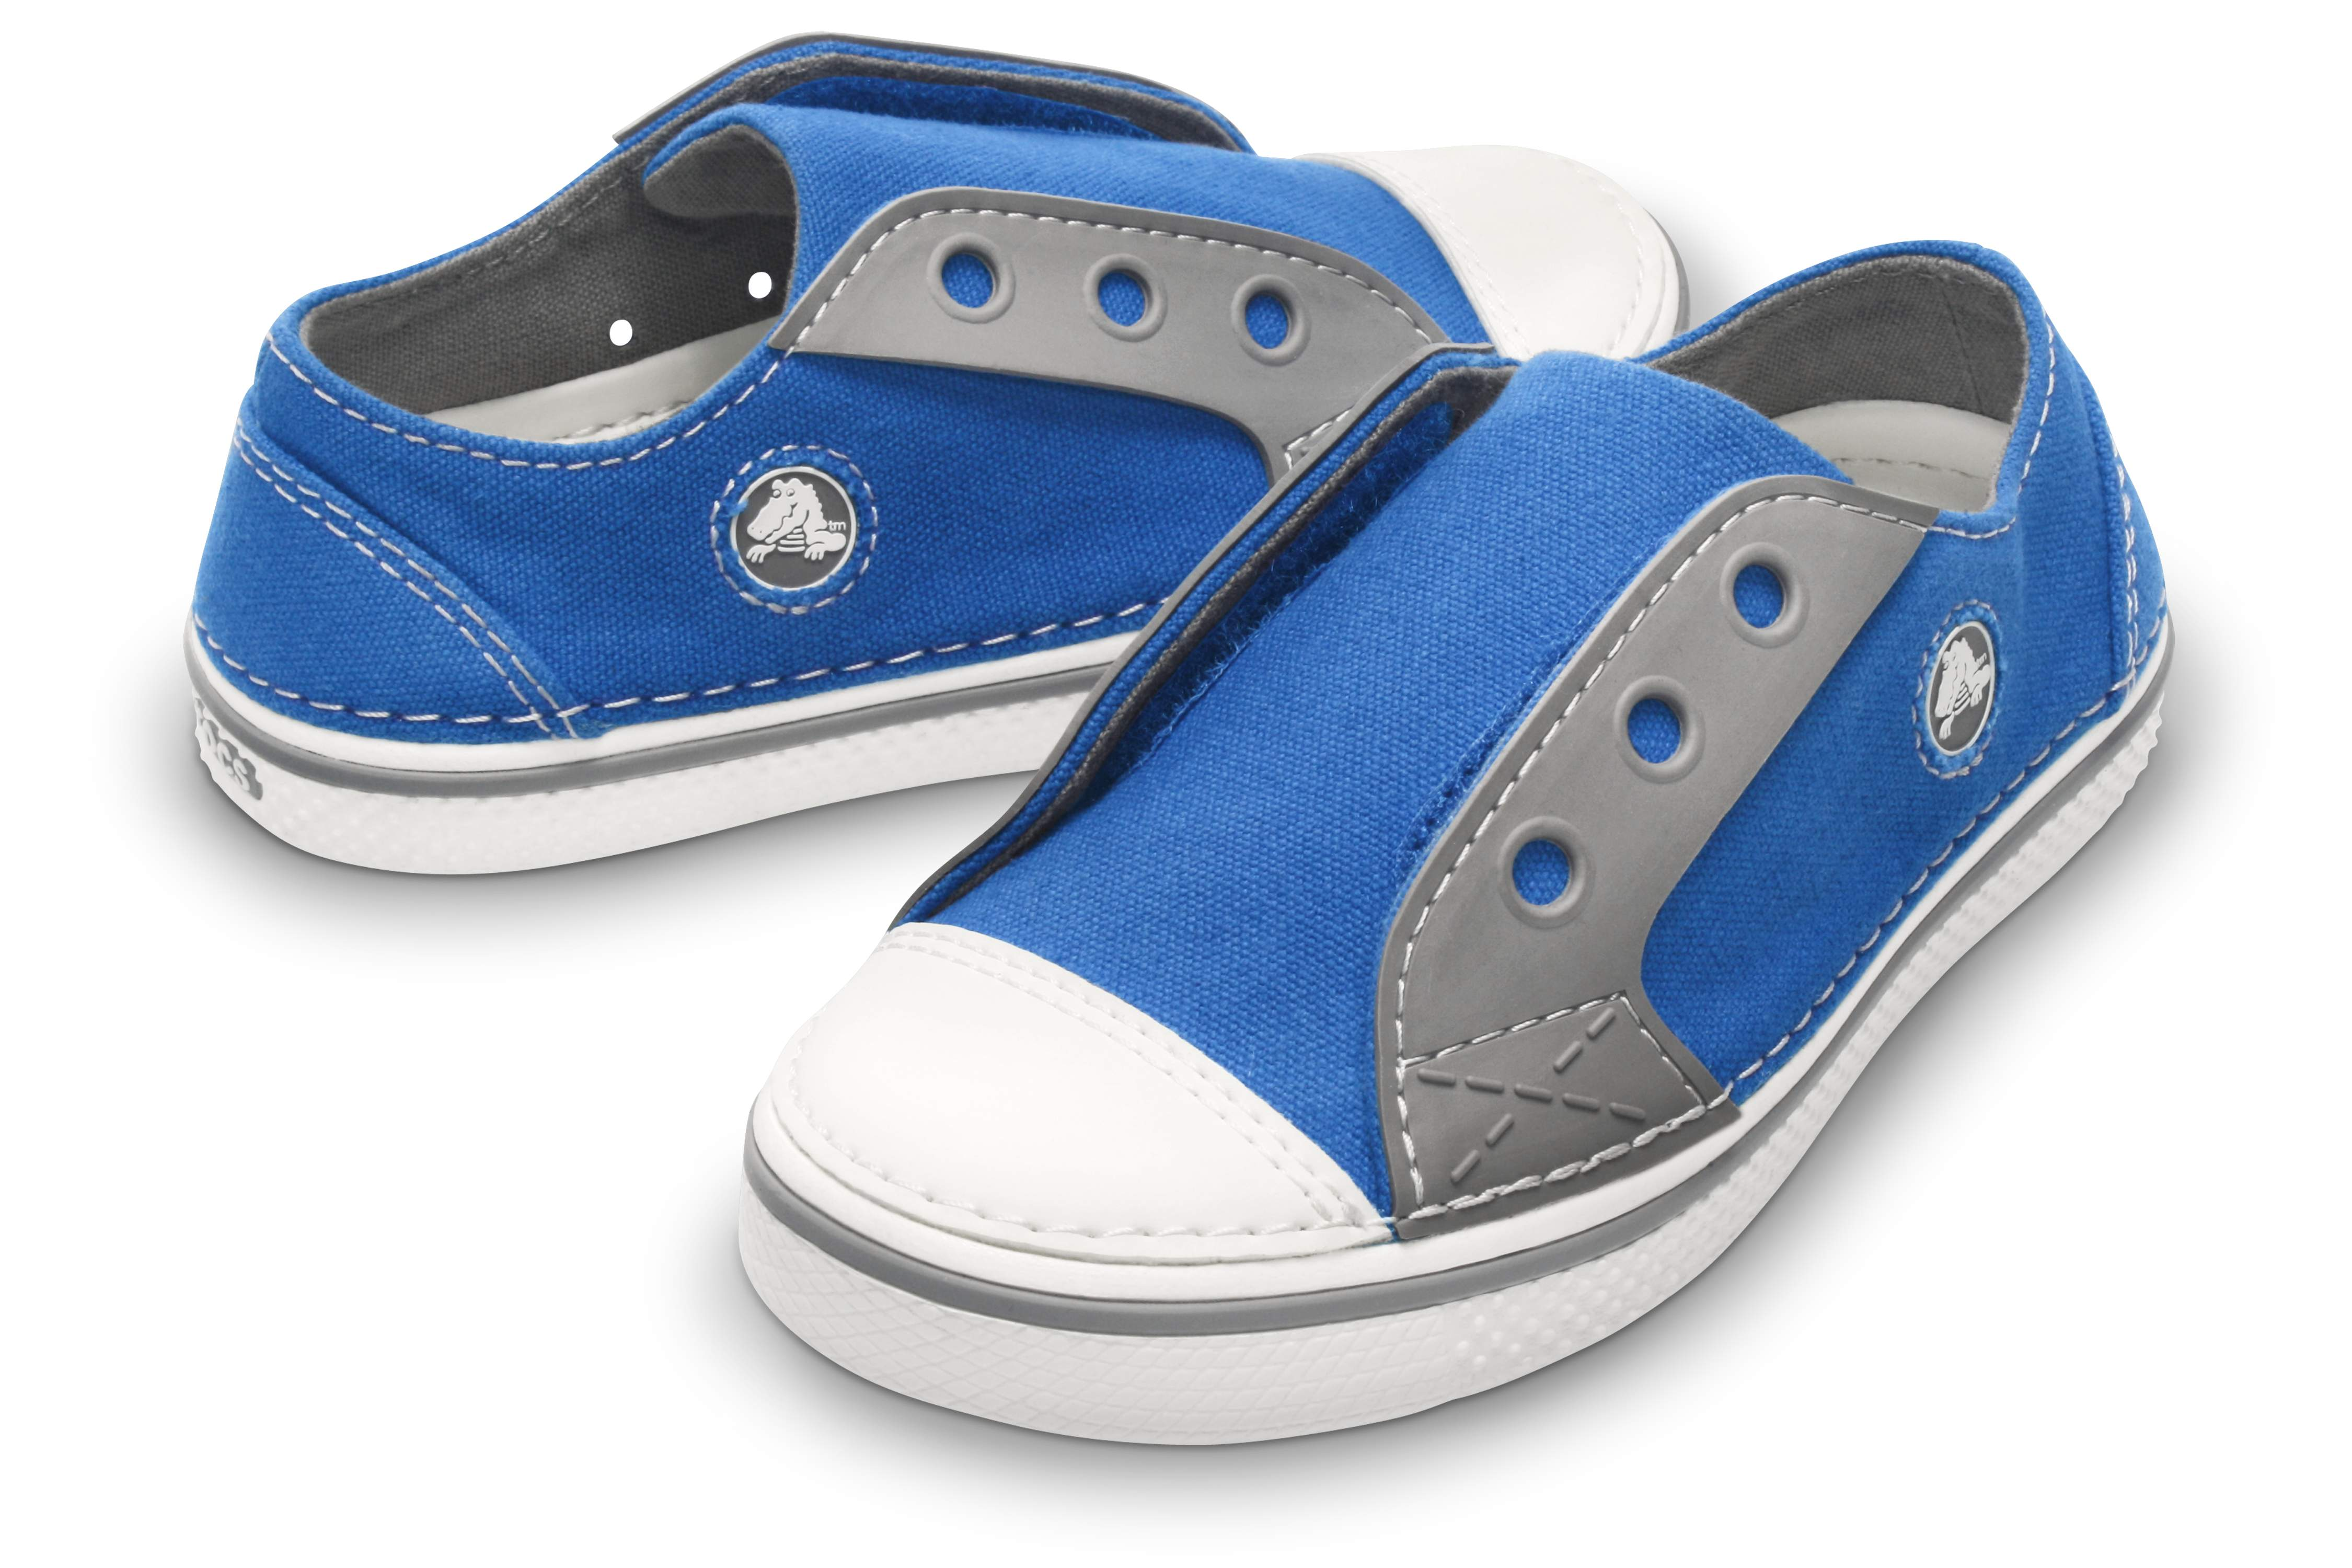 <クロックス公式> フーバー イージーオン スニーカー キッズ - Hover Easy-On Sneaker Kids (送料無料)